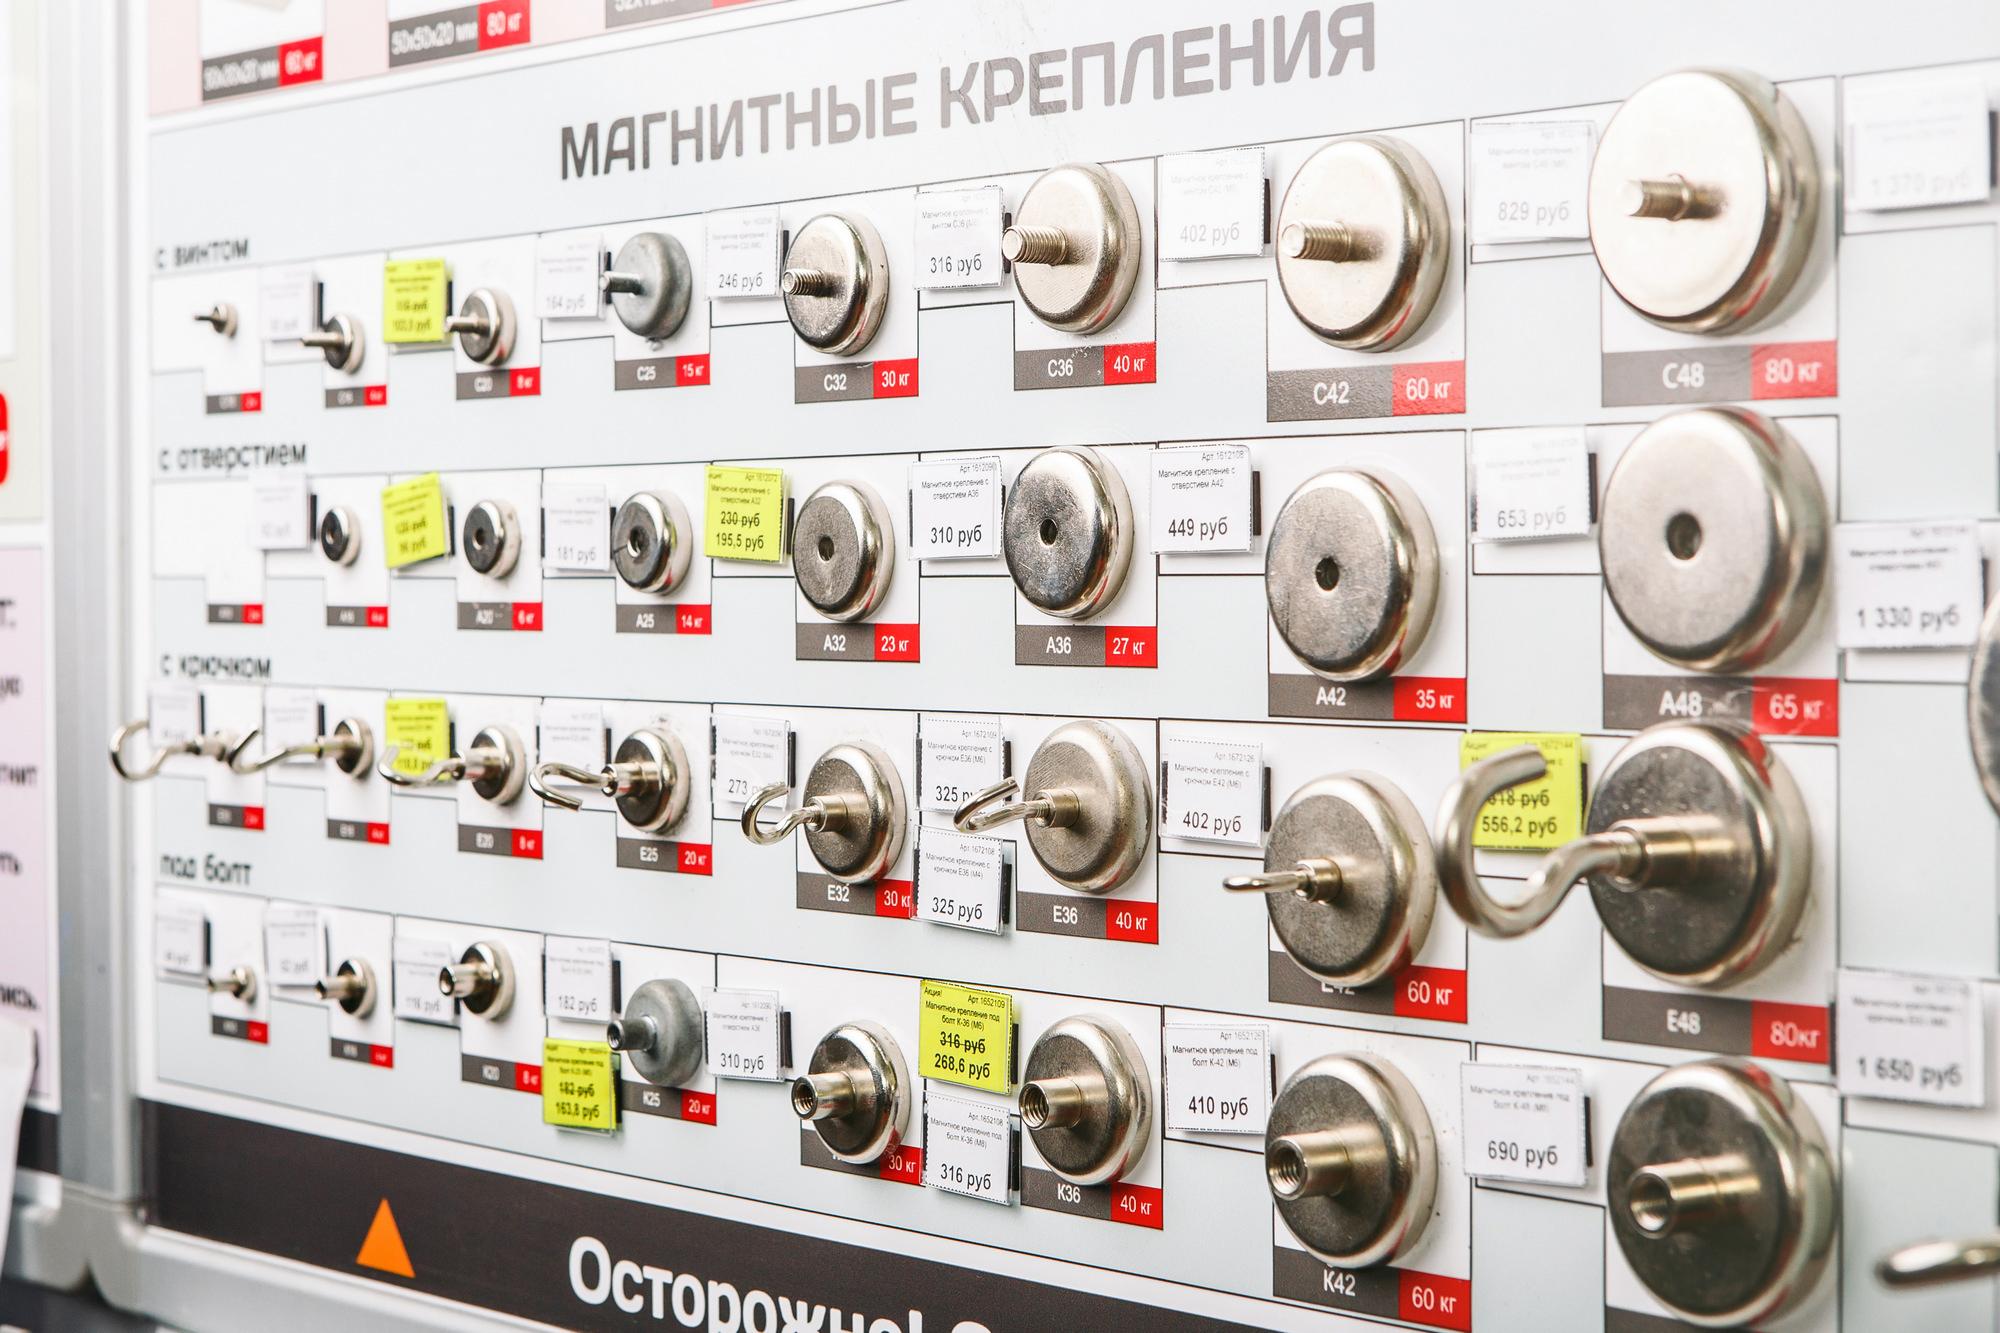 Компания «Мир Магнитов» зарегистрировала свою торговую марку (ТМ) в Роспатенте